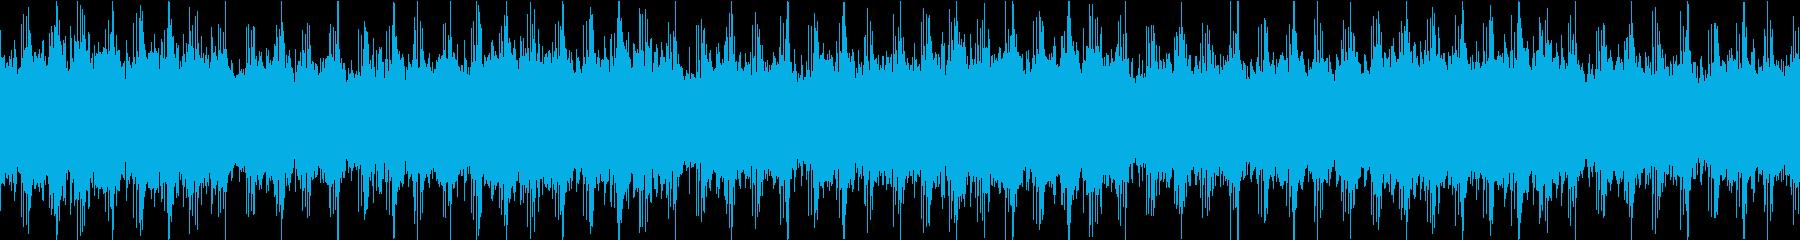 オープニング・入場・勇敢・オーケストラの再生済みの波形